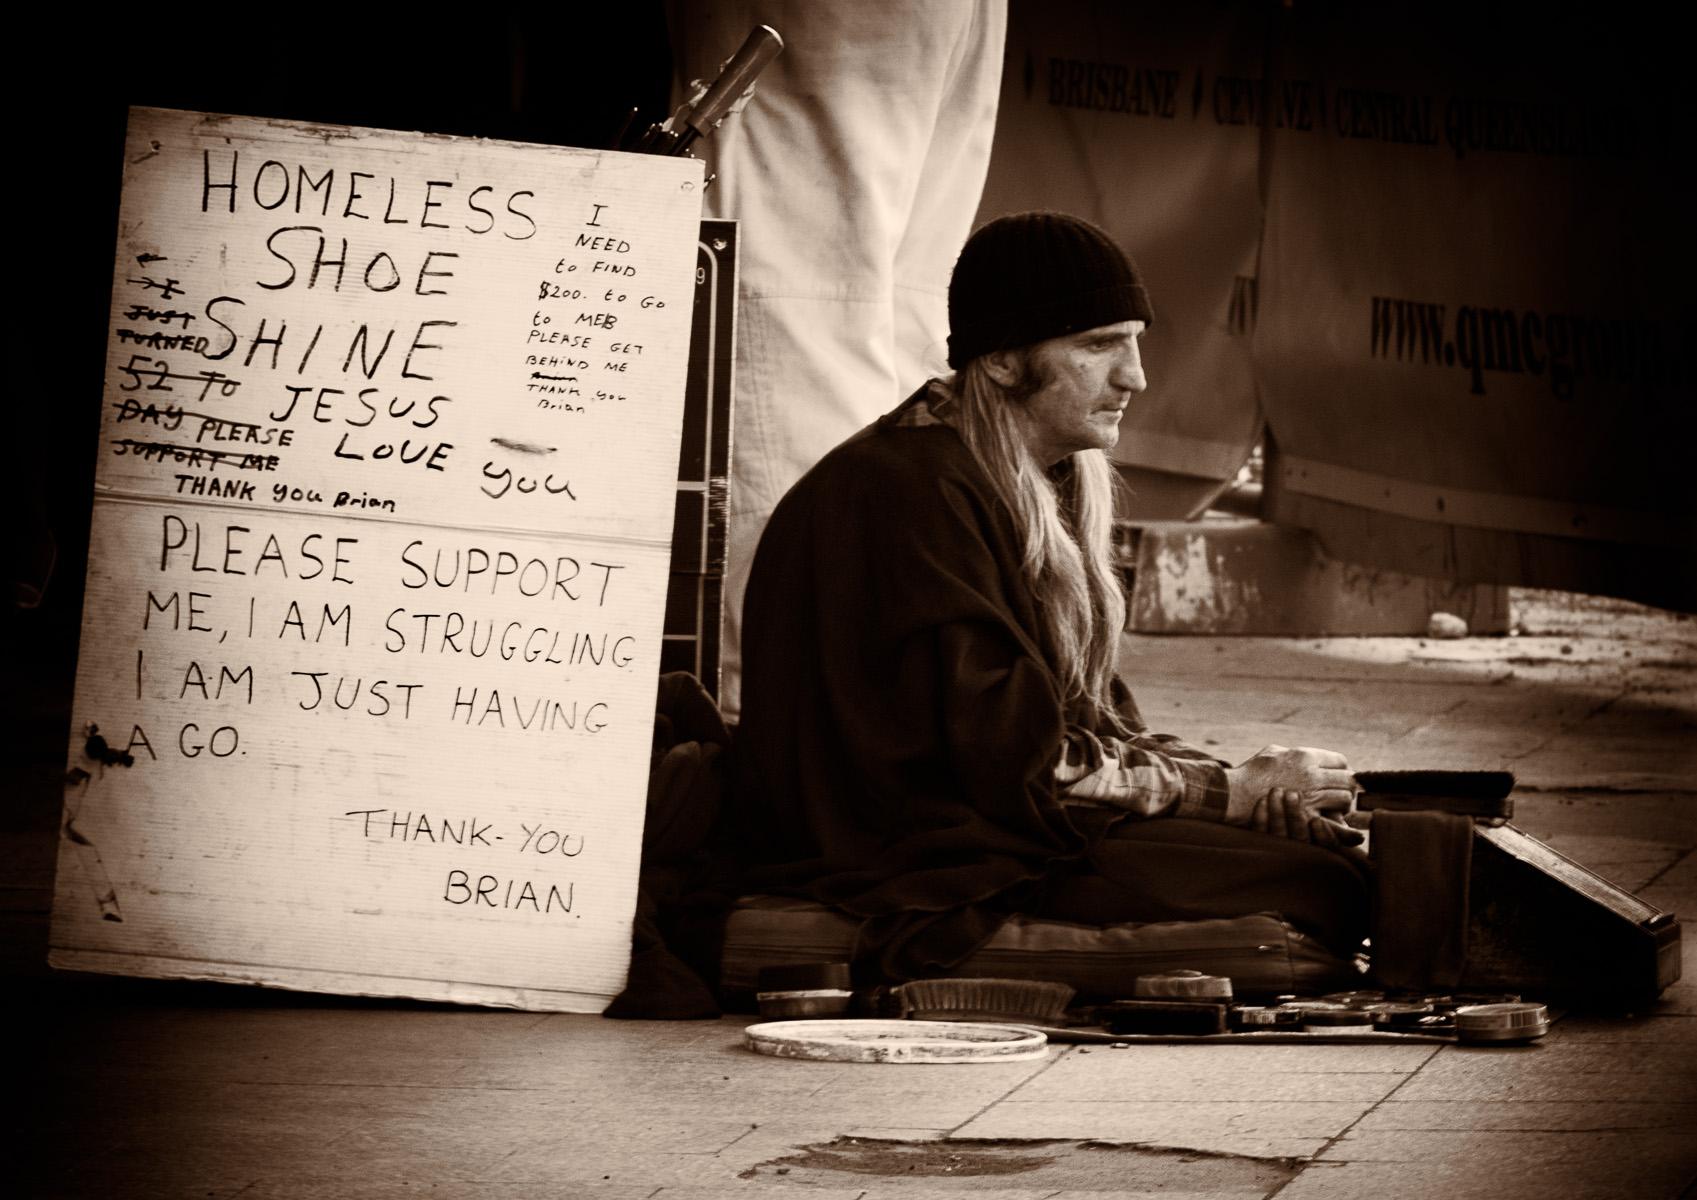 Homeless-105.jpg